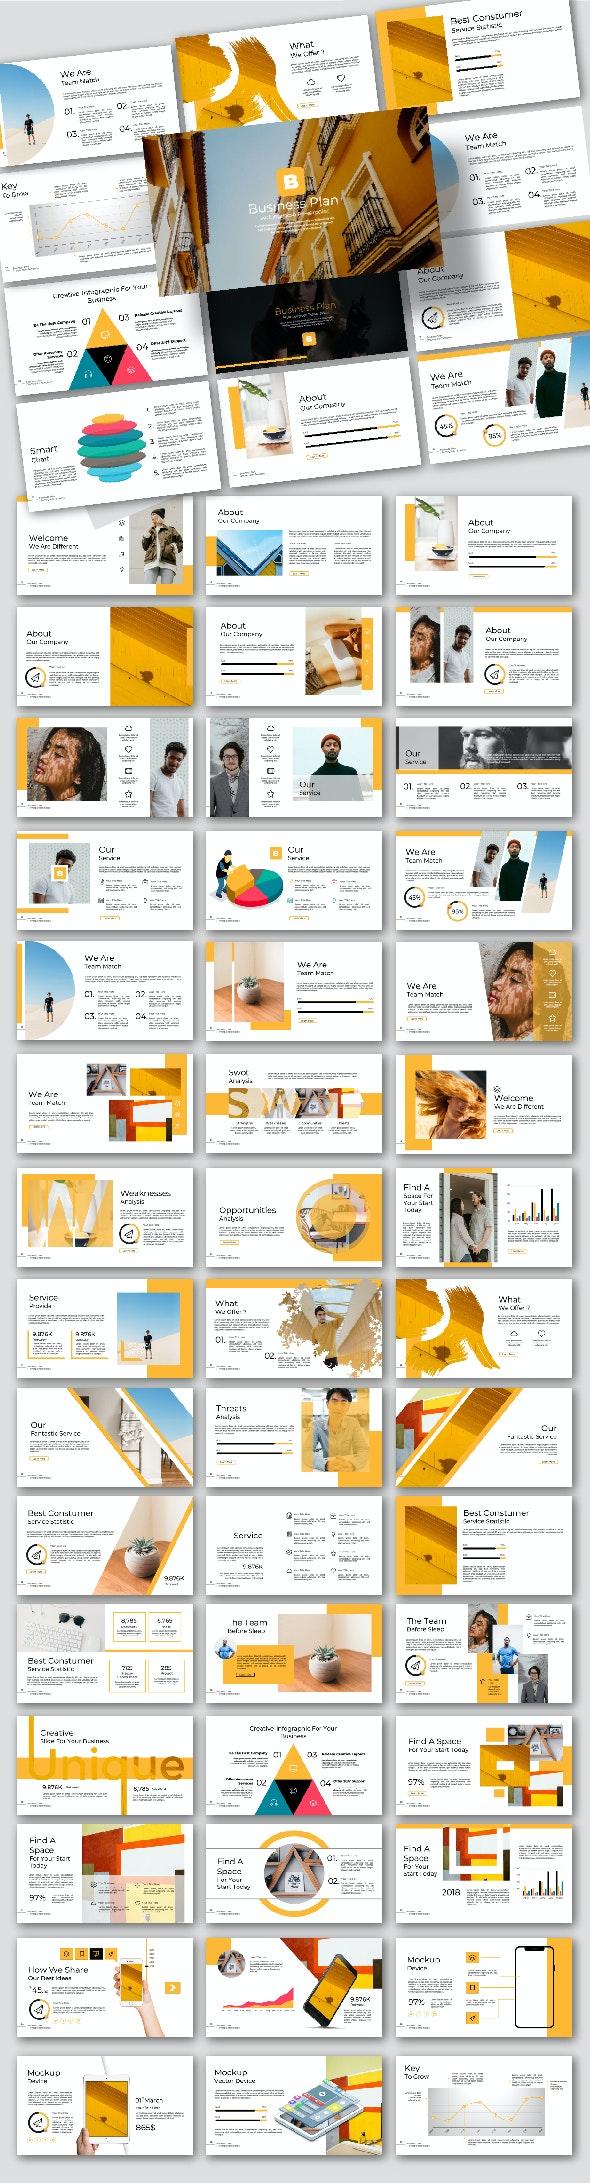 Business Plan Google Slide - Google Slides Presentation Templates